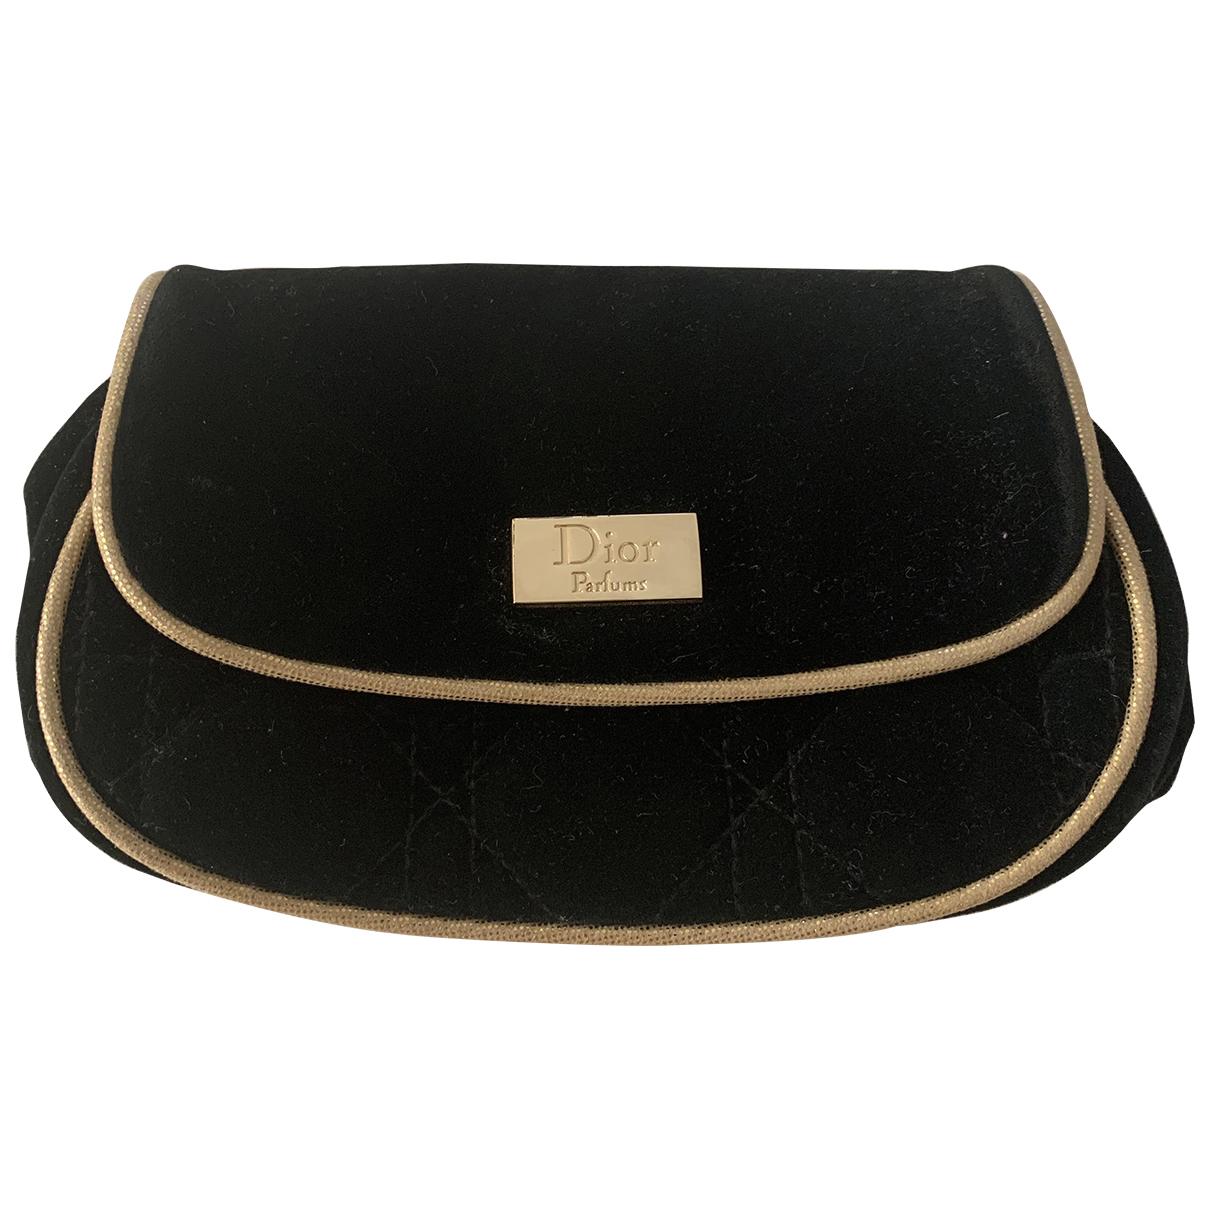 Dior - Sac de voyage   pour femme en velours - noir